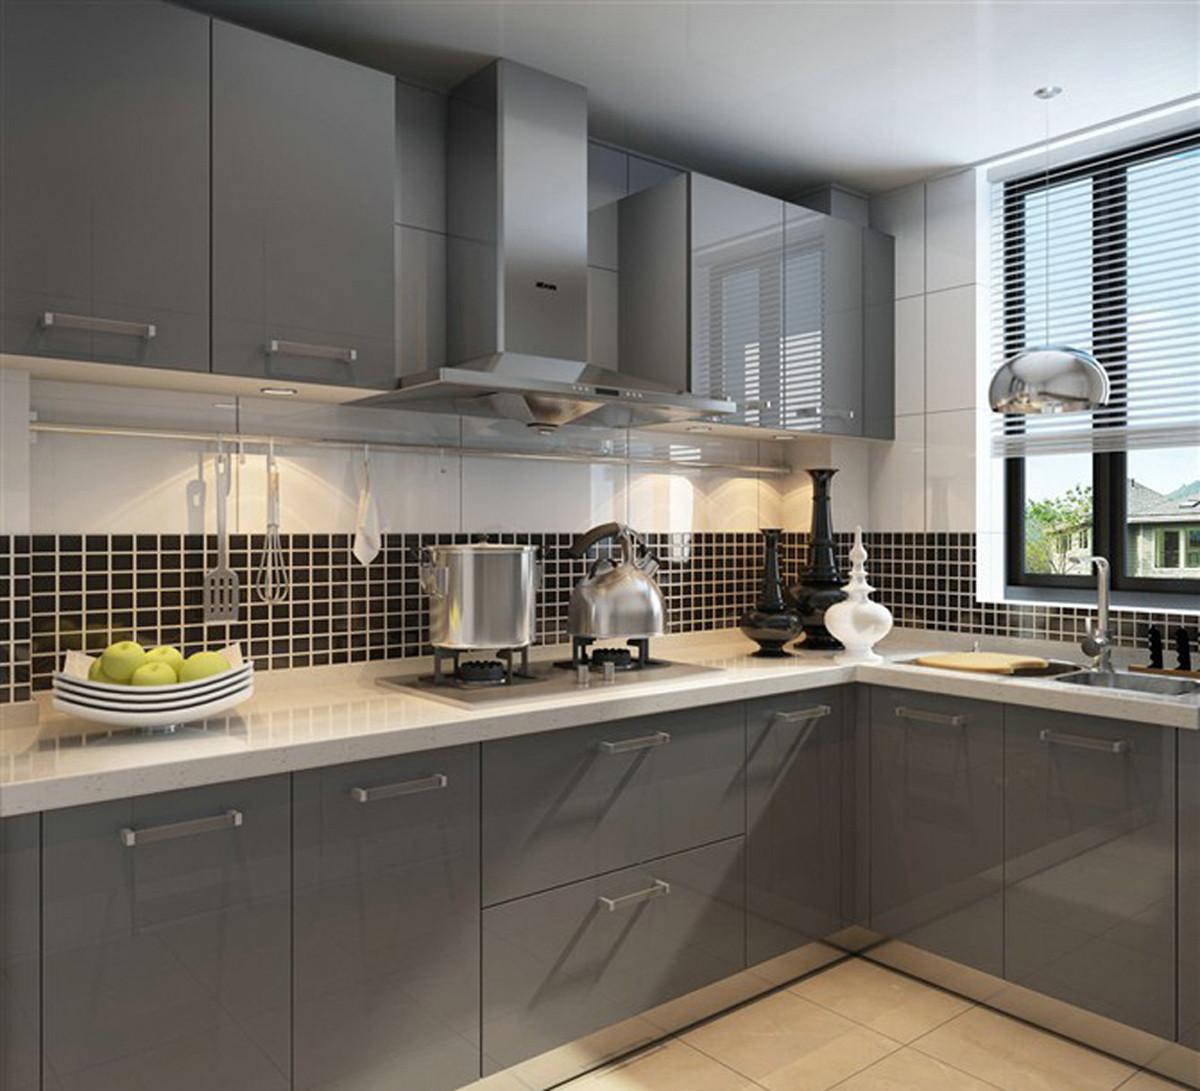 90㎡现代简约二居装修厨房设计图